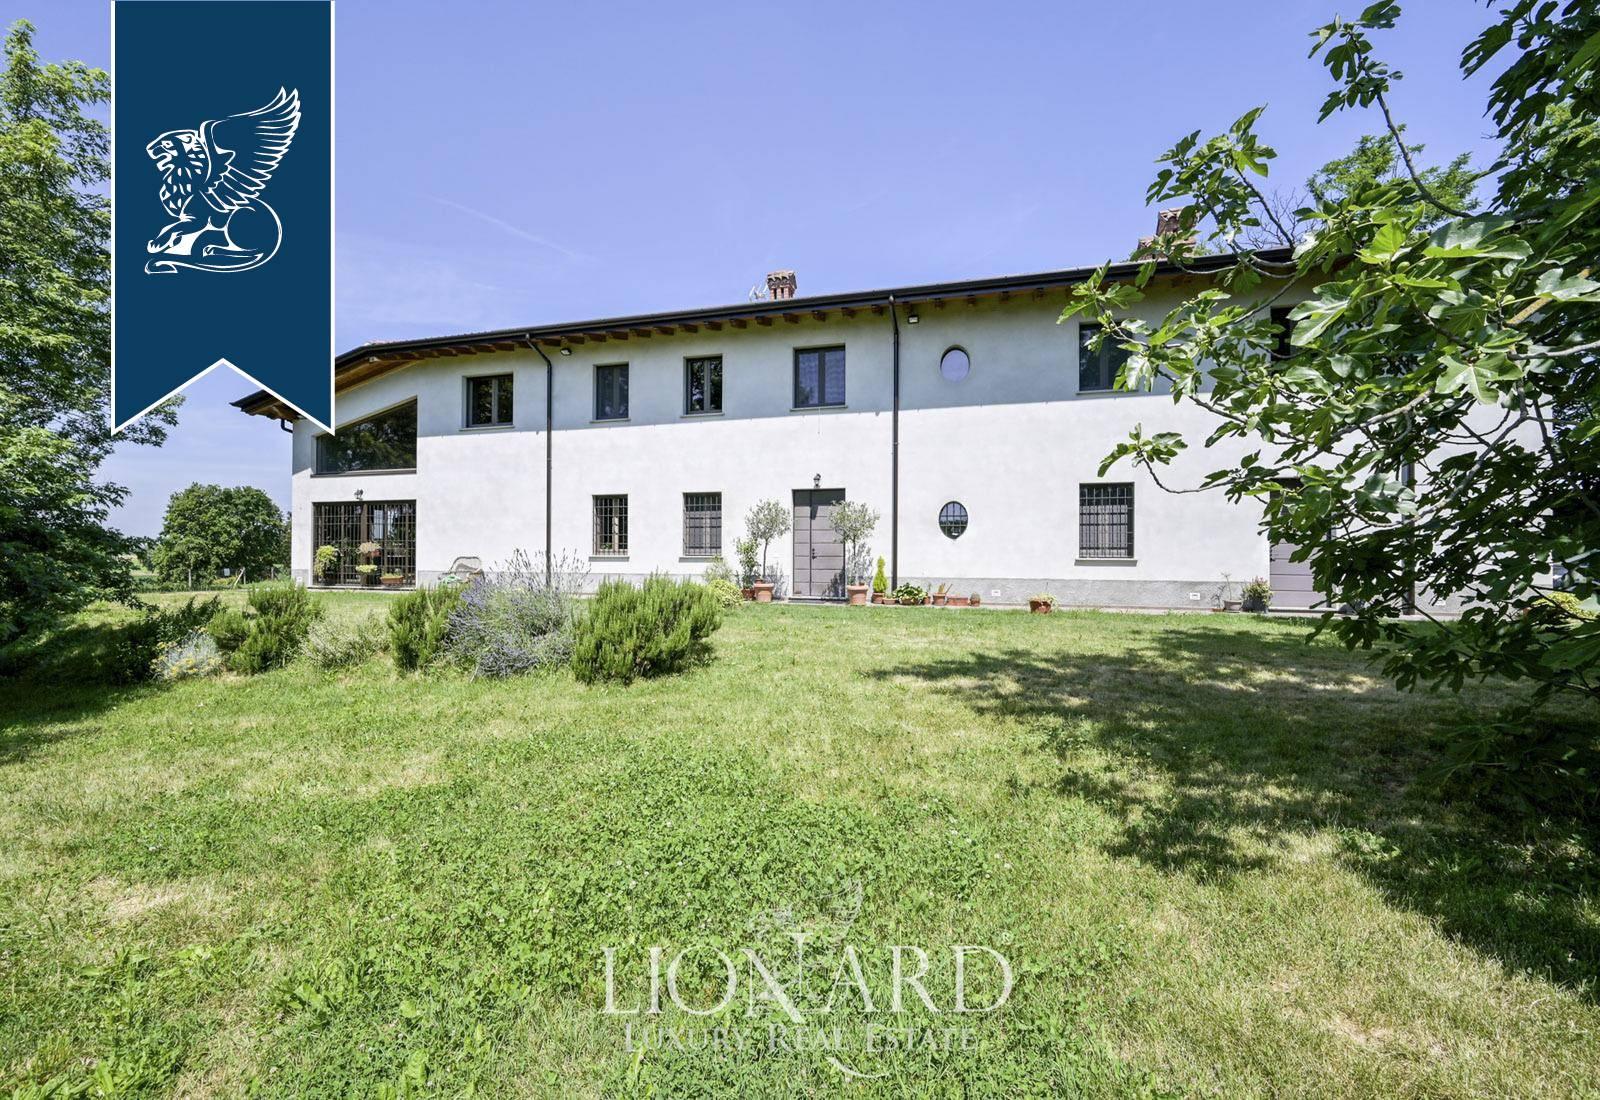 Villa in Vendita a Inverno E Monteleone: 0 locali, 500 mq - Foto 6